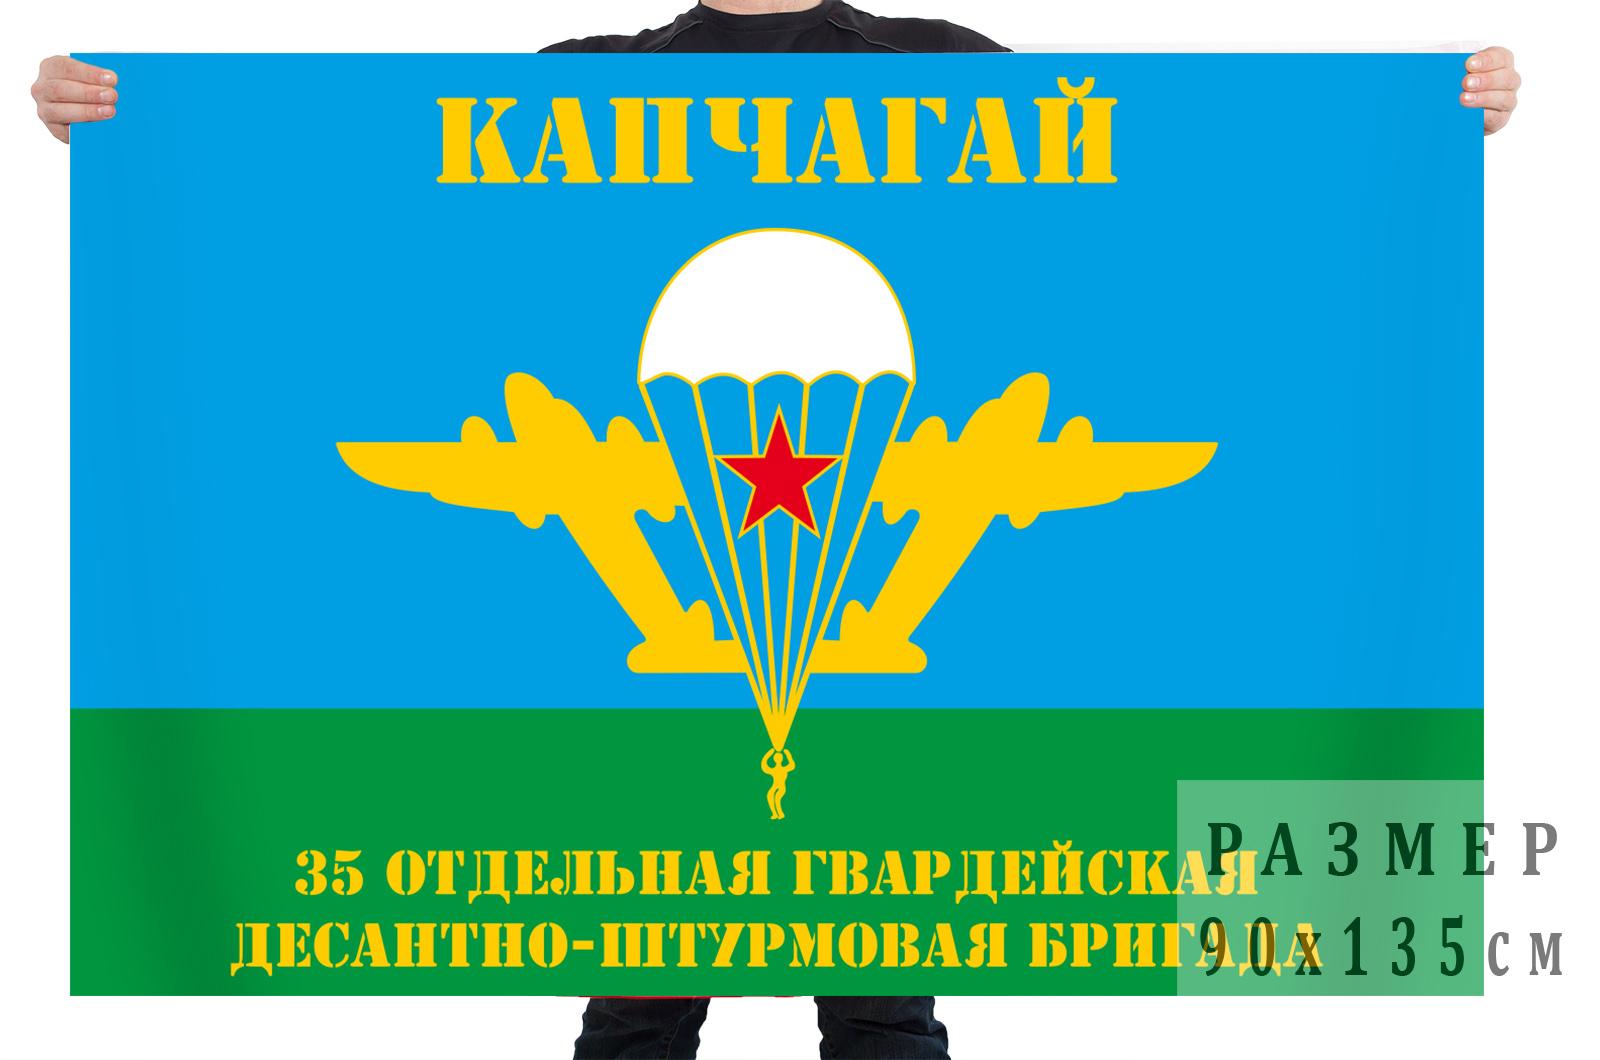 Купить в Москве флаг «35 ОГ ДШБ г. Капчагай»